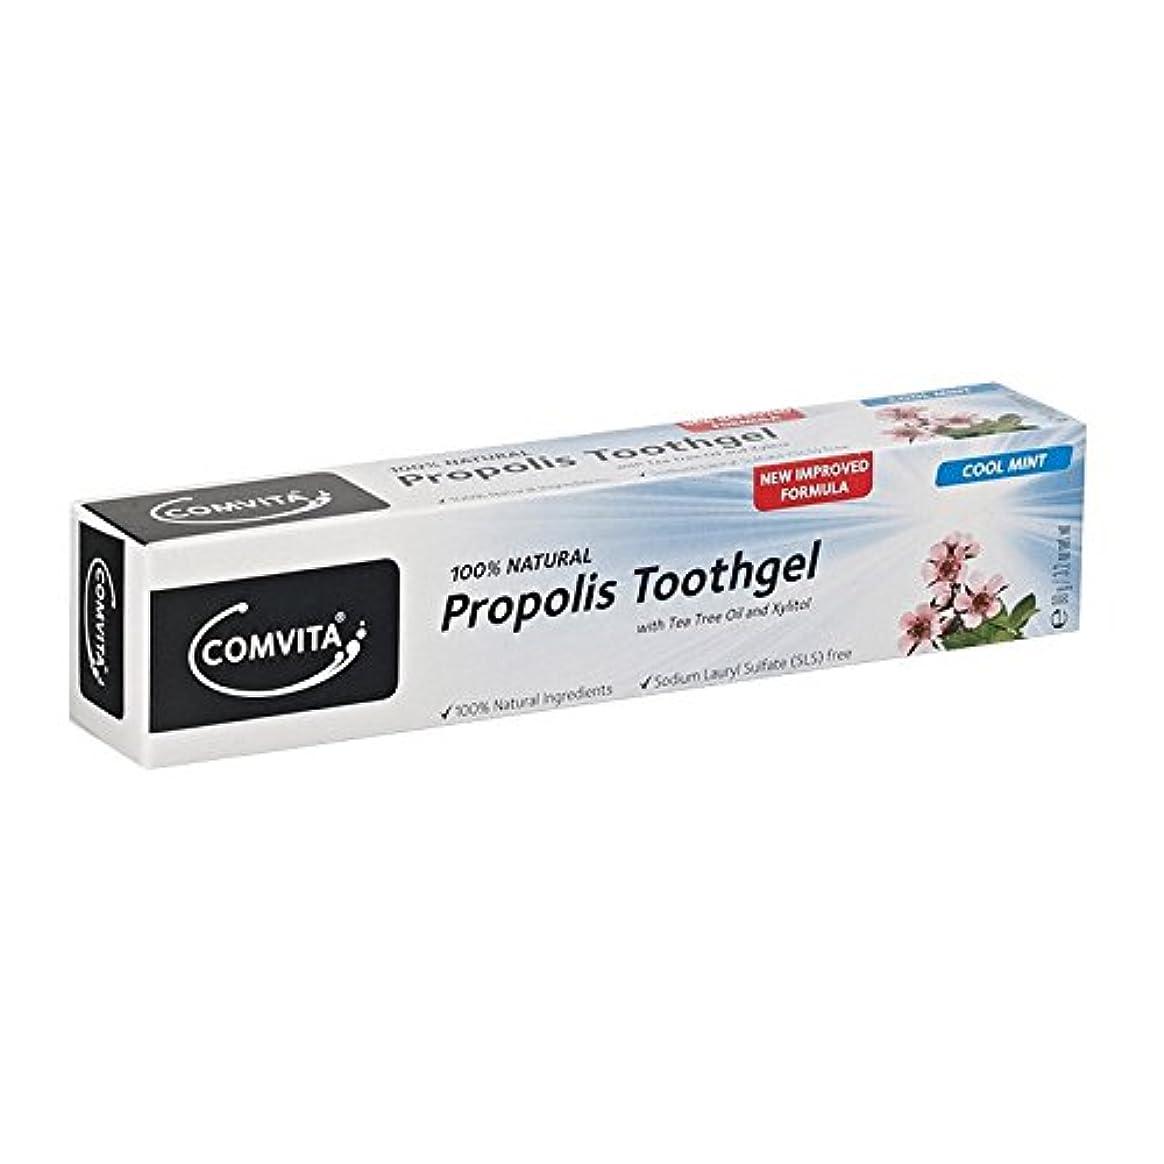 哺乳類ストレージ符号コンビタ100天然プロポリスToothgel - Comvita 100 Natural Propolis Toothgel (Comvita) [並行輸入品]